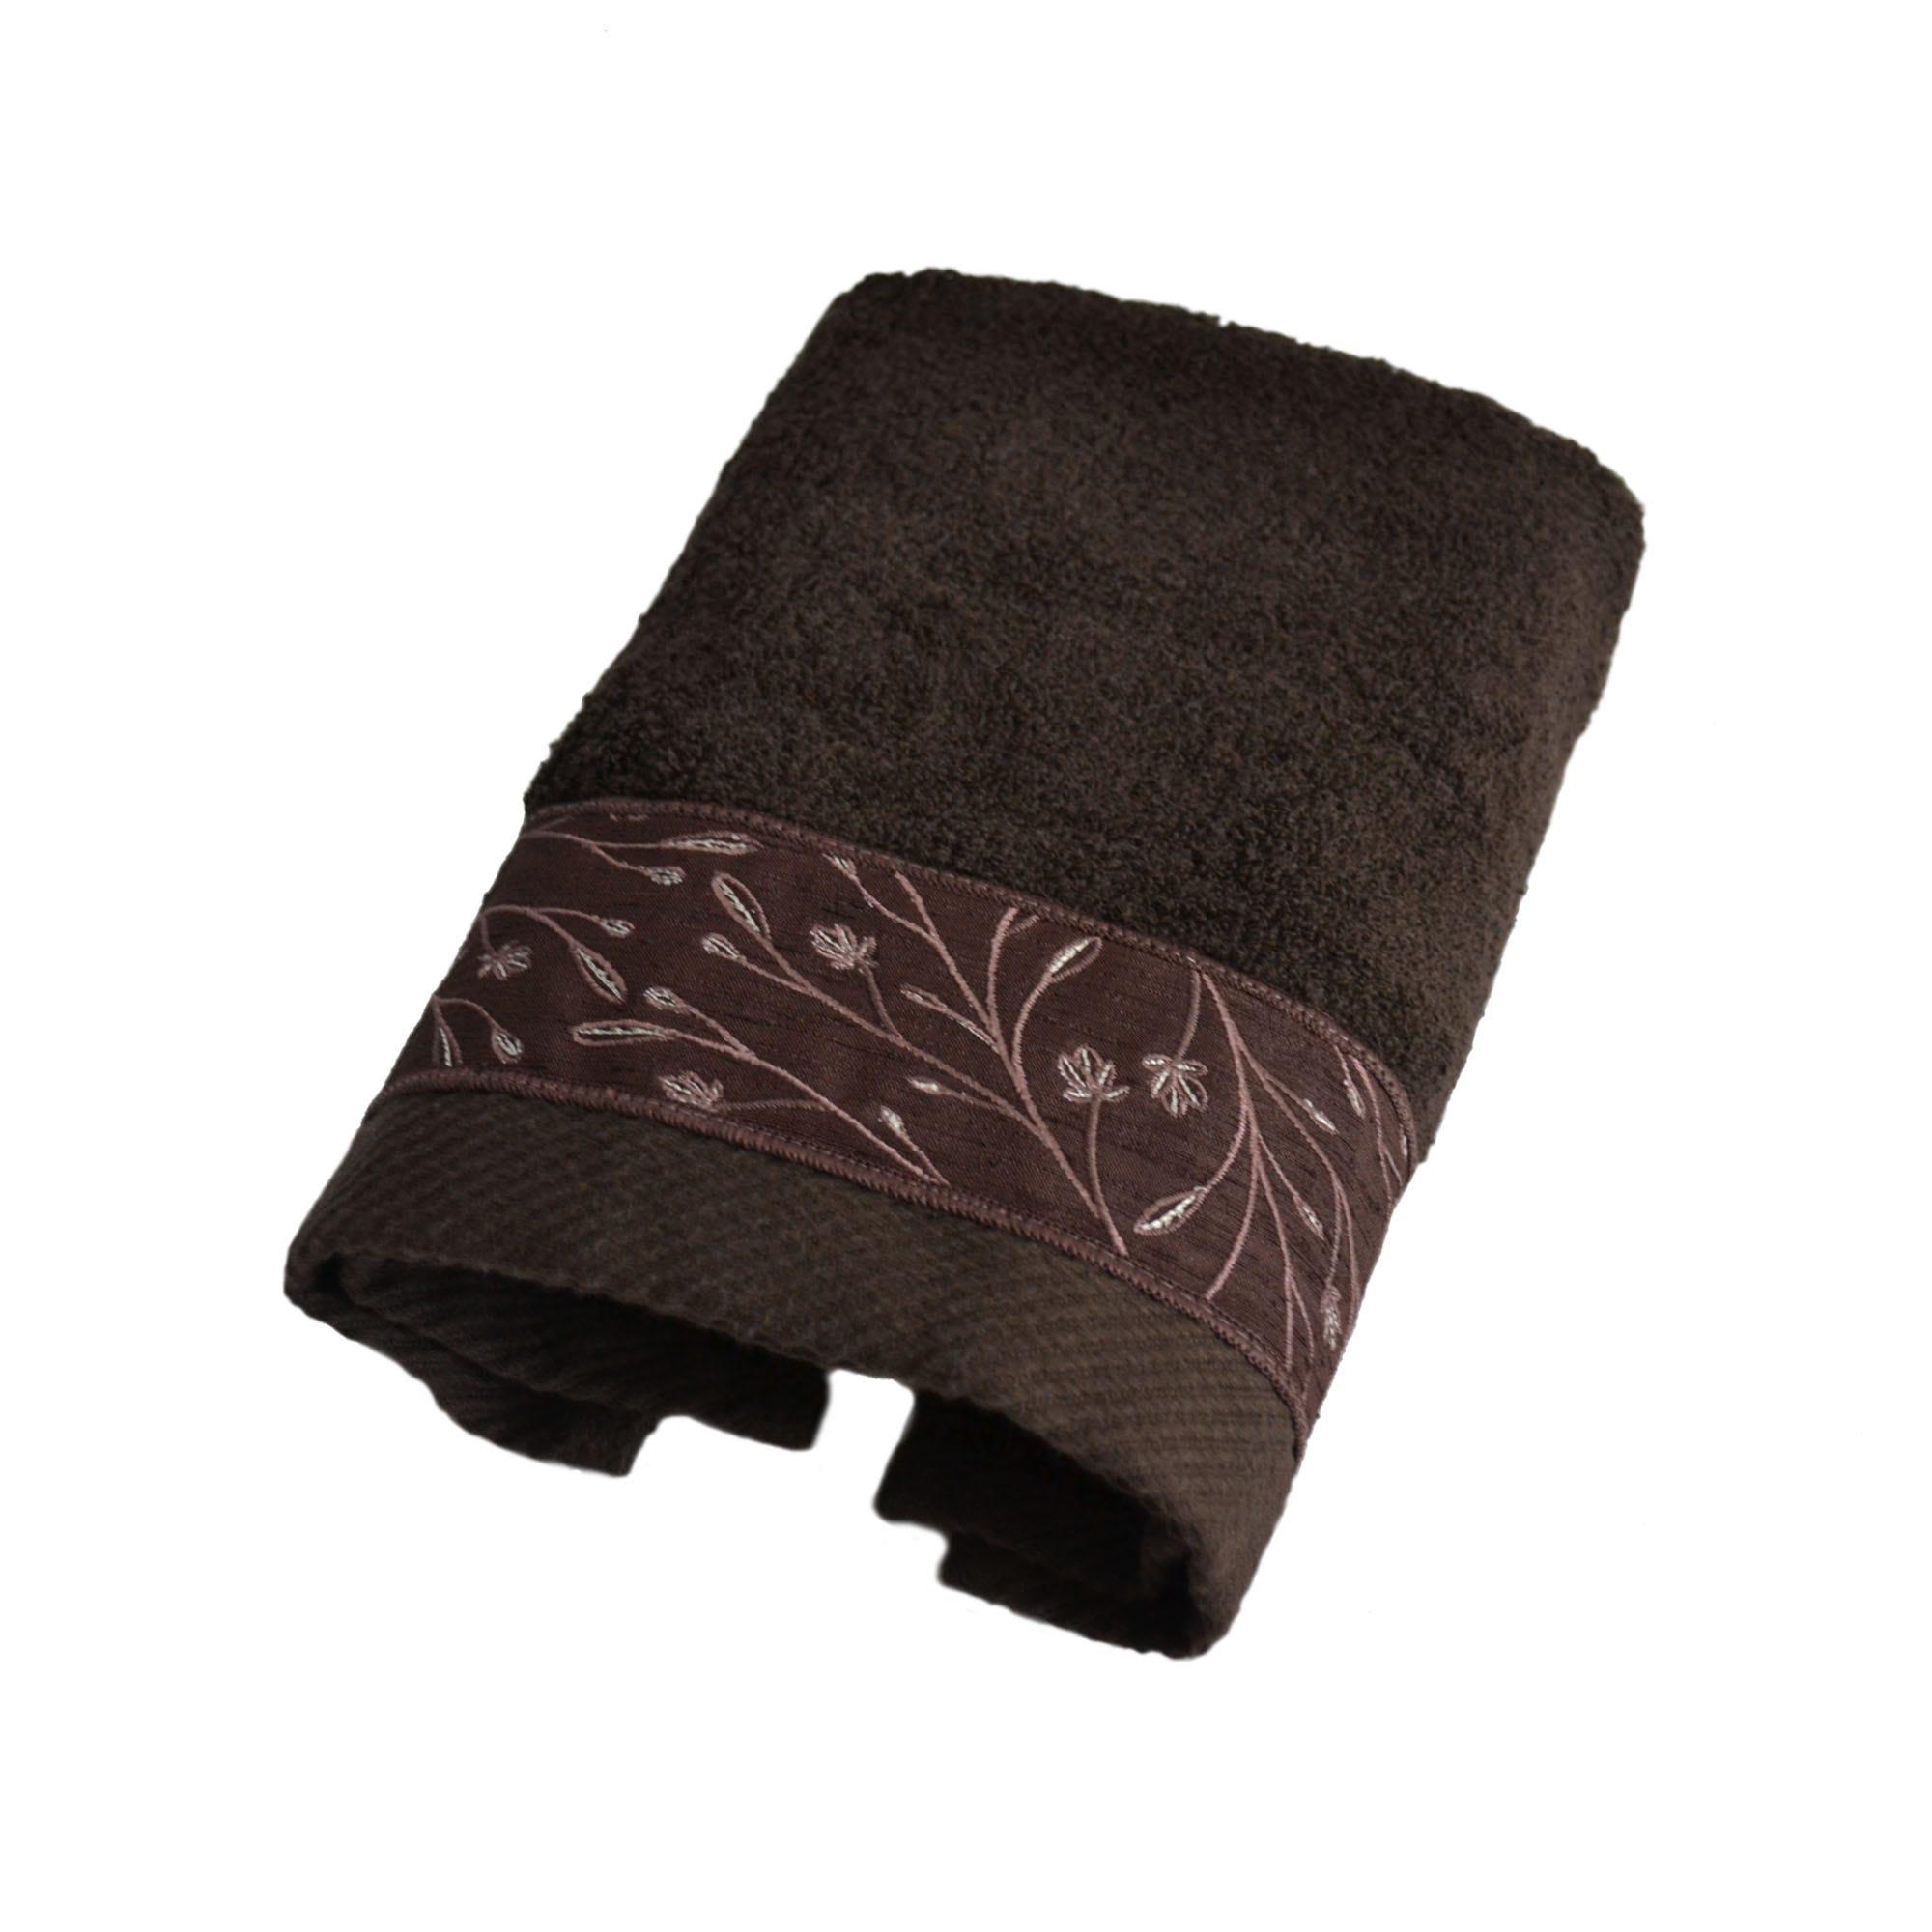 Toalla facial Acan Calatea con bordado en café chocolate